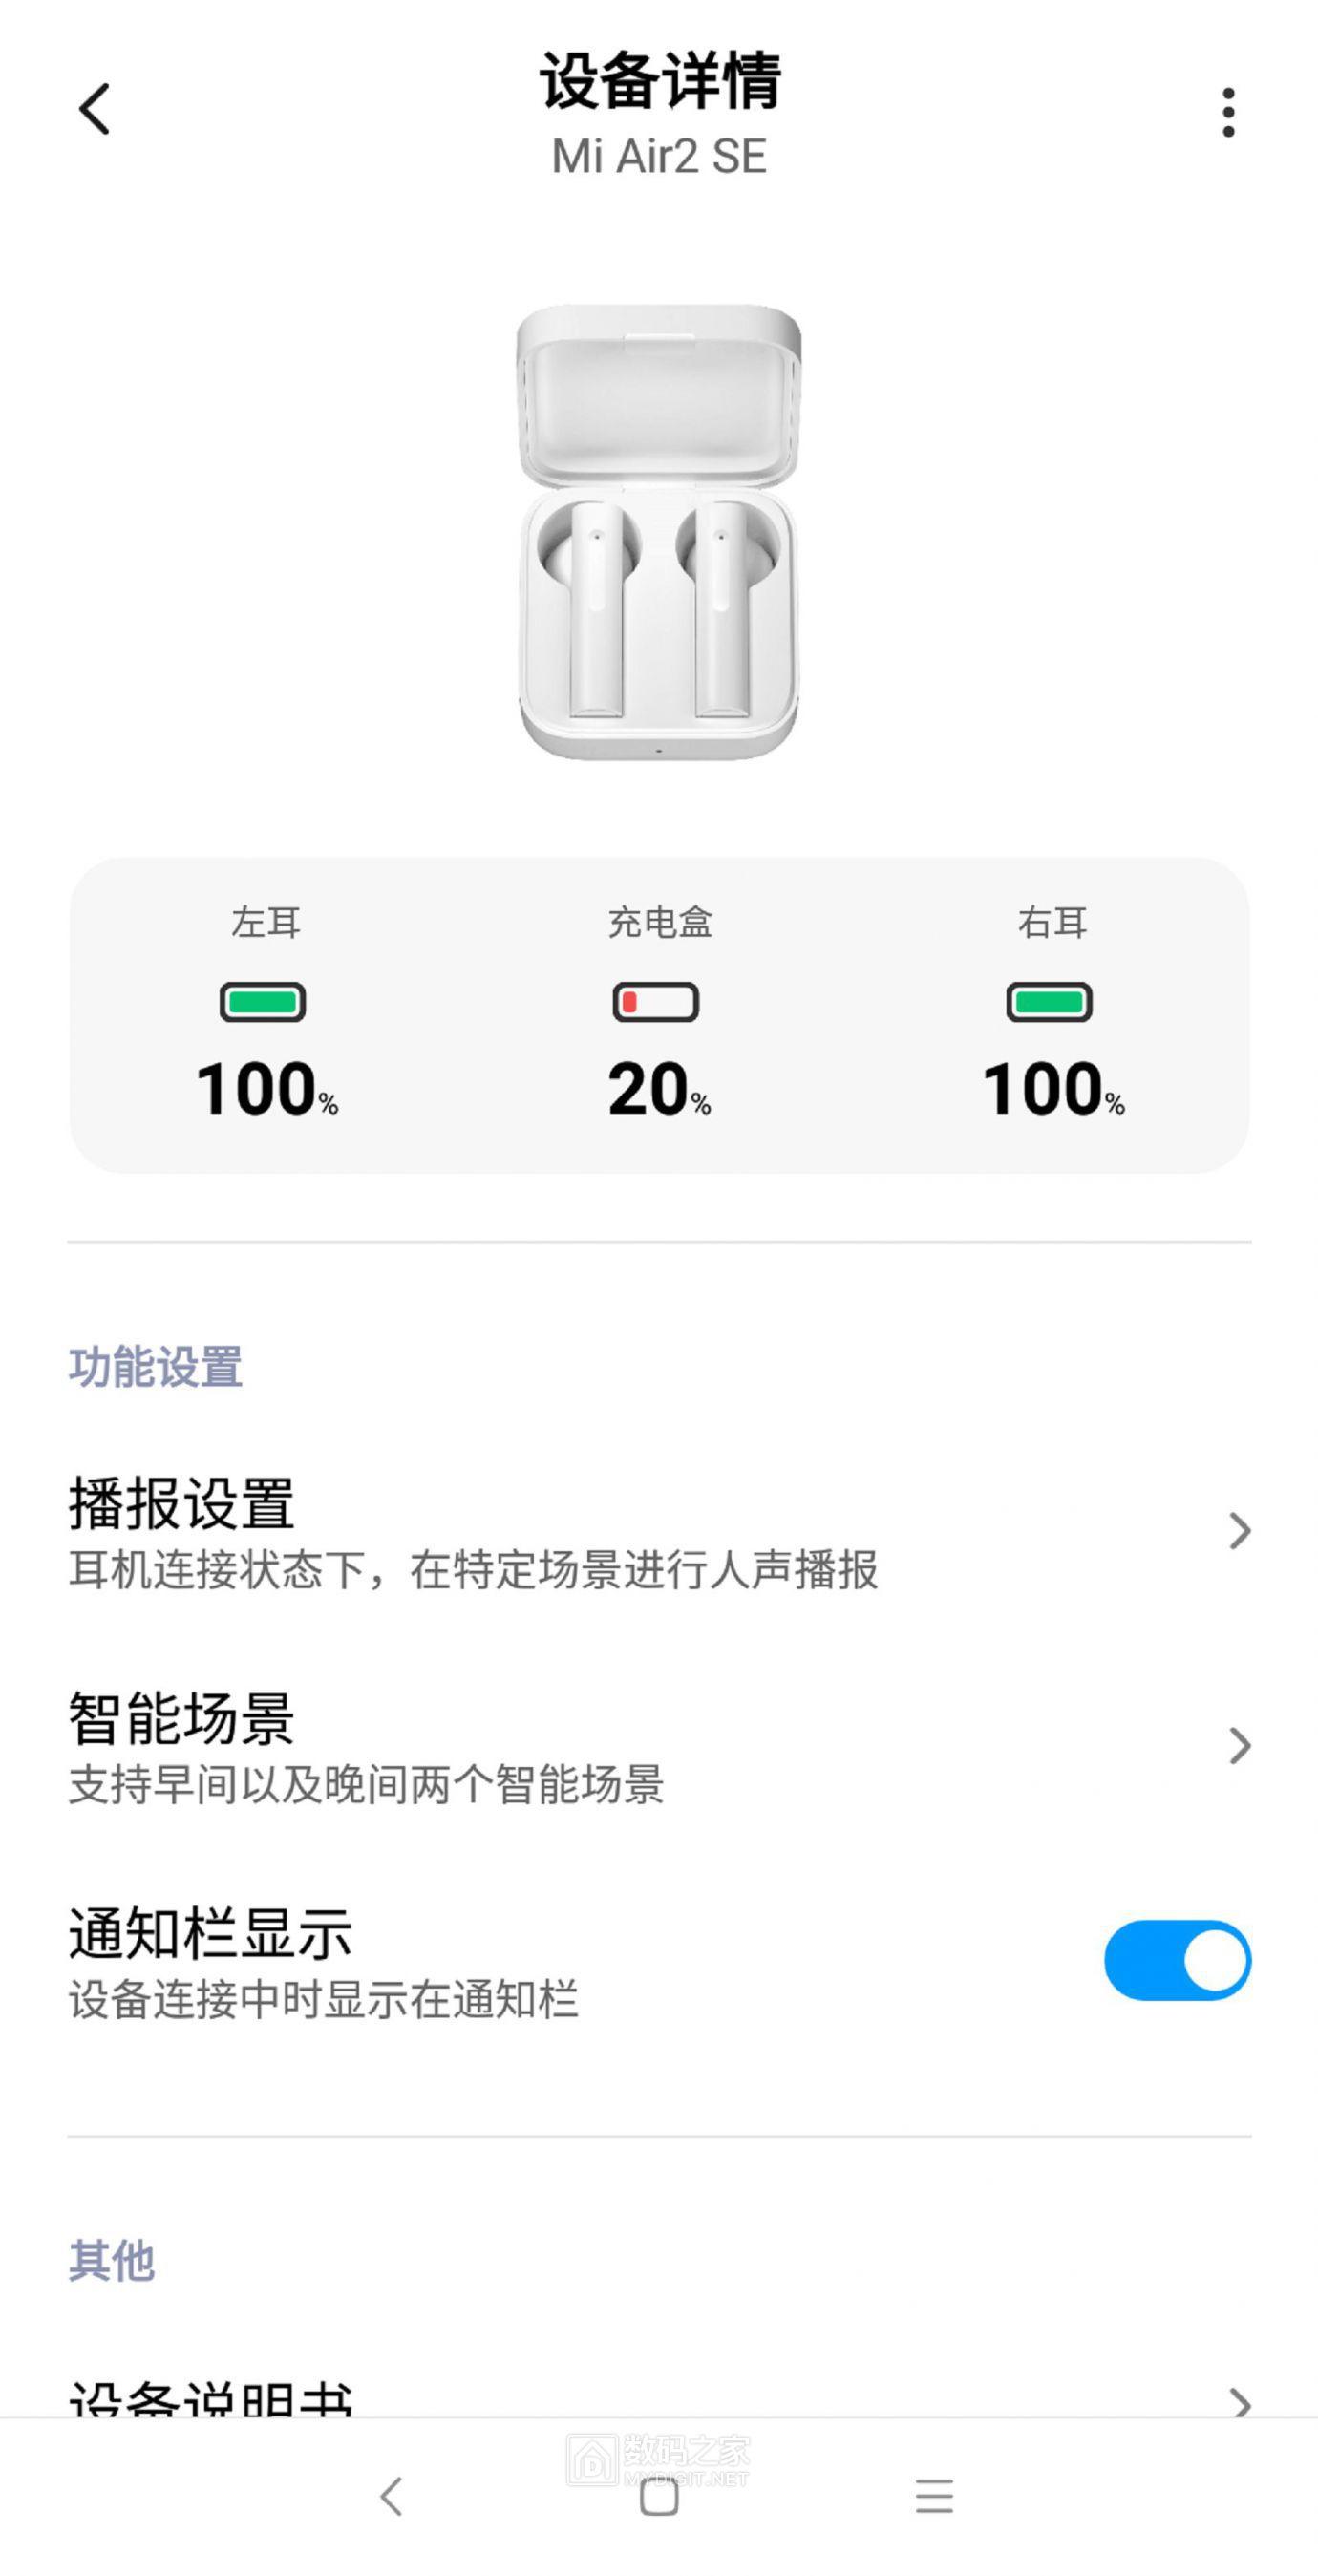 Screenshot_2021-04-16-19-37-26-293_com.xiaomi.xiaoailite.jpg